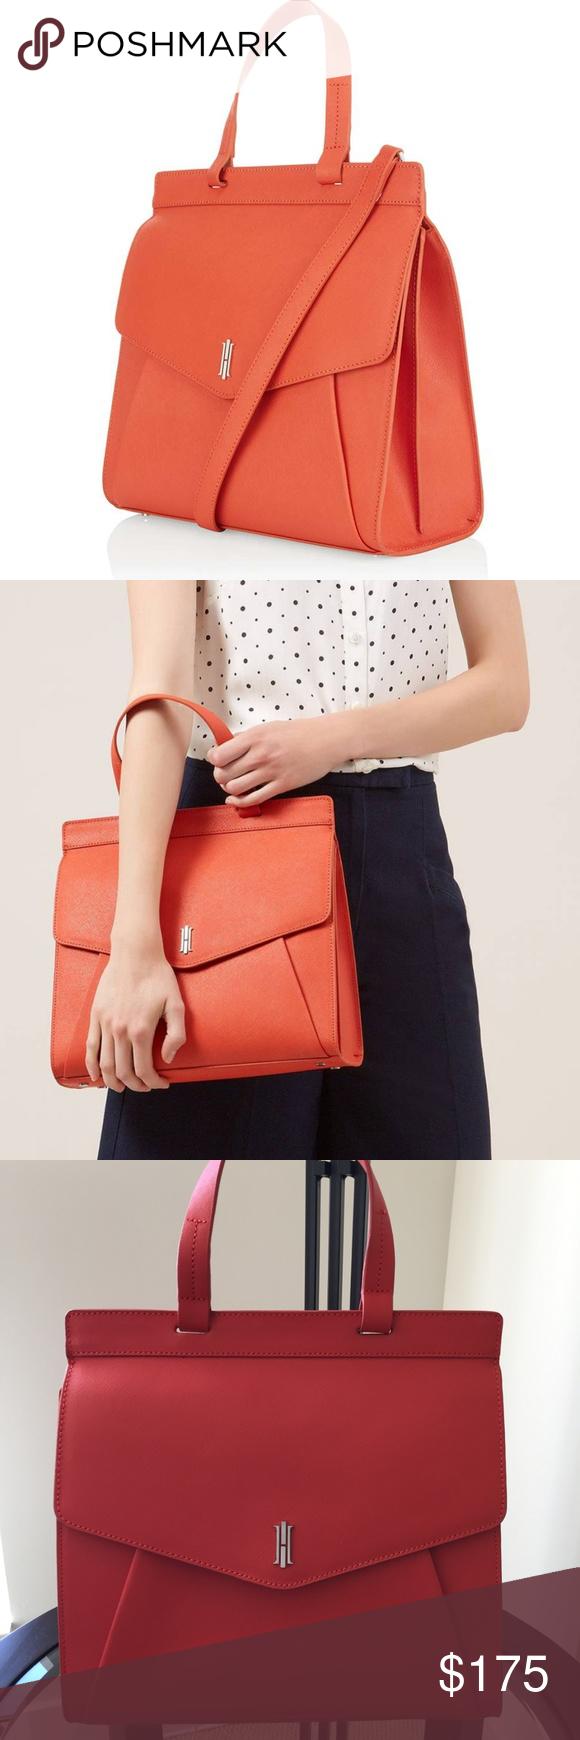 db5bbaeee206 HOBBS LONDON Orange Alderley Grab Bag - NEW. Paid £199.00 in London. Retail